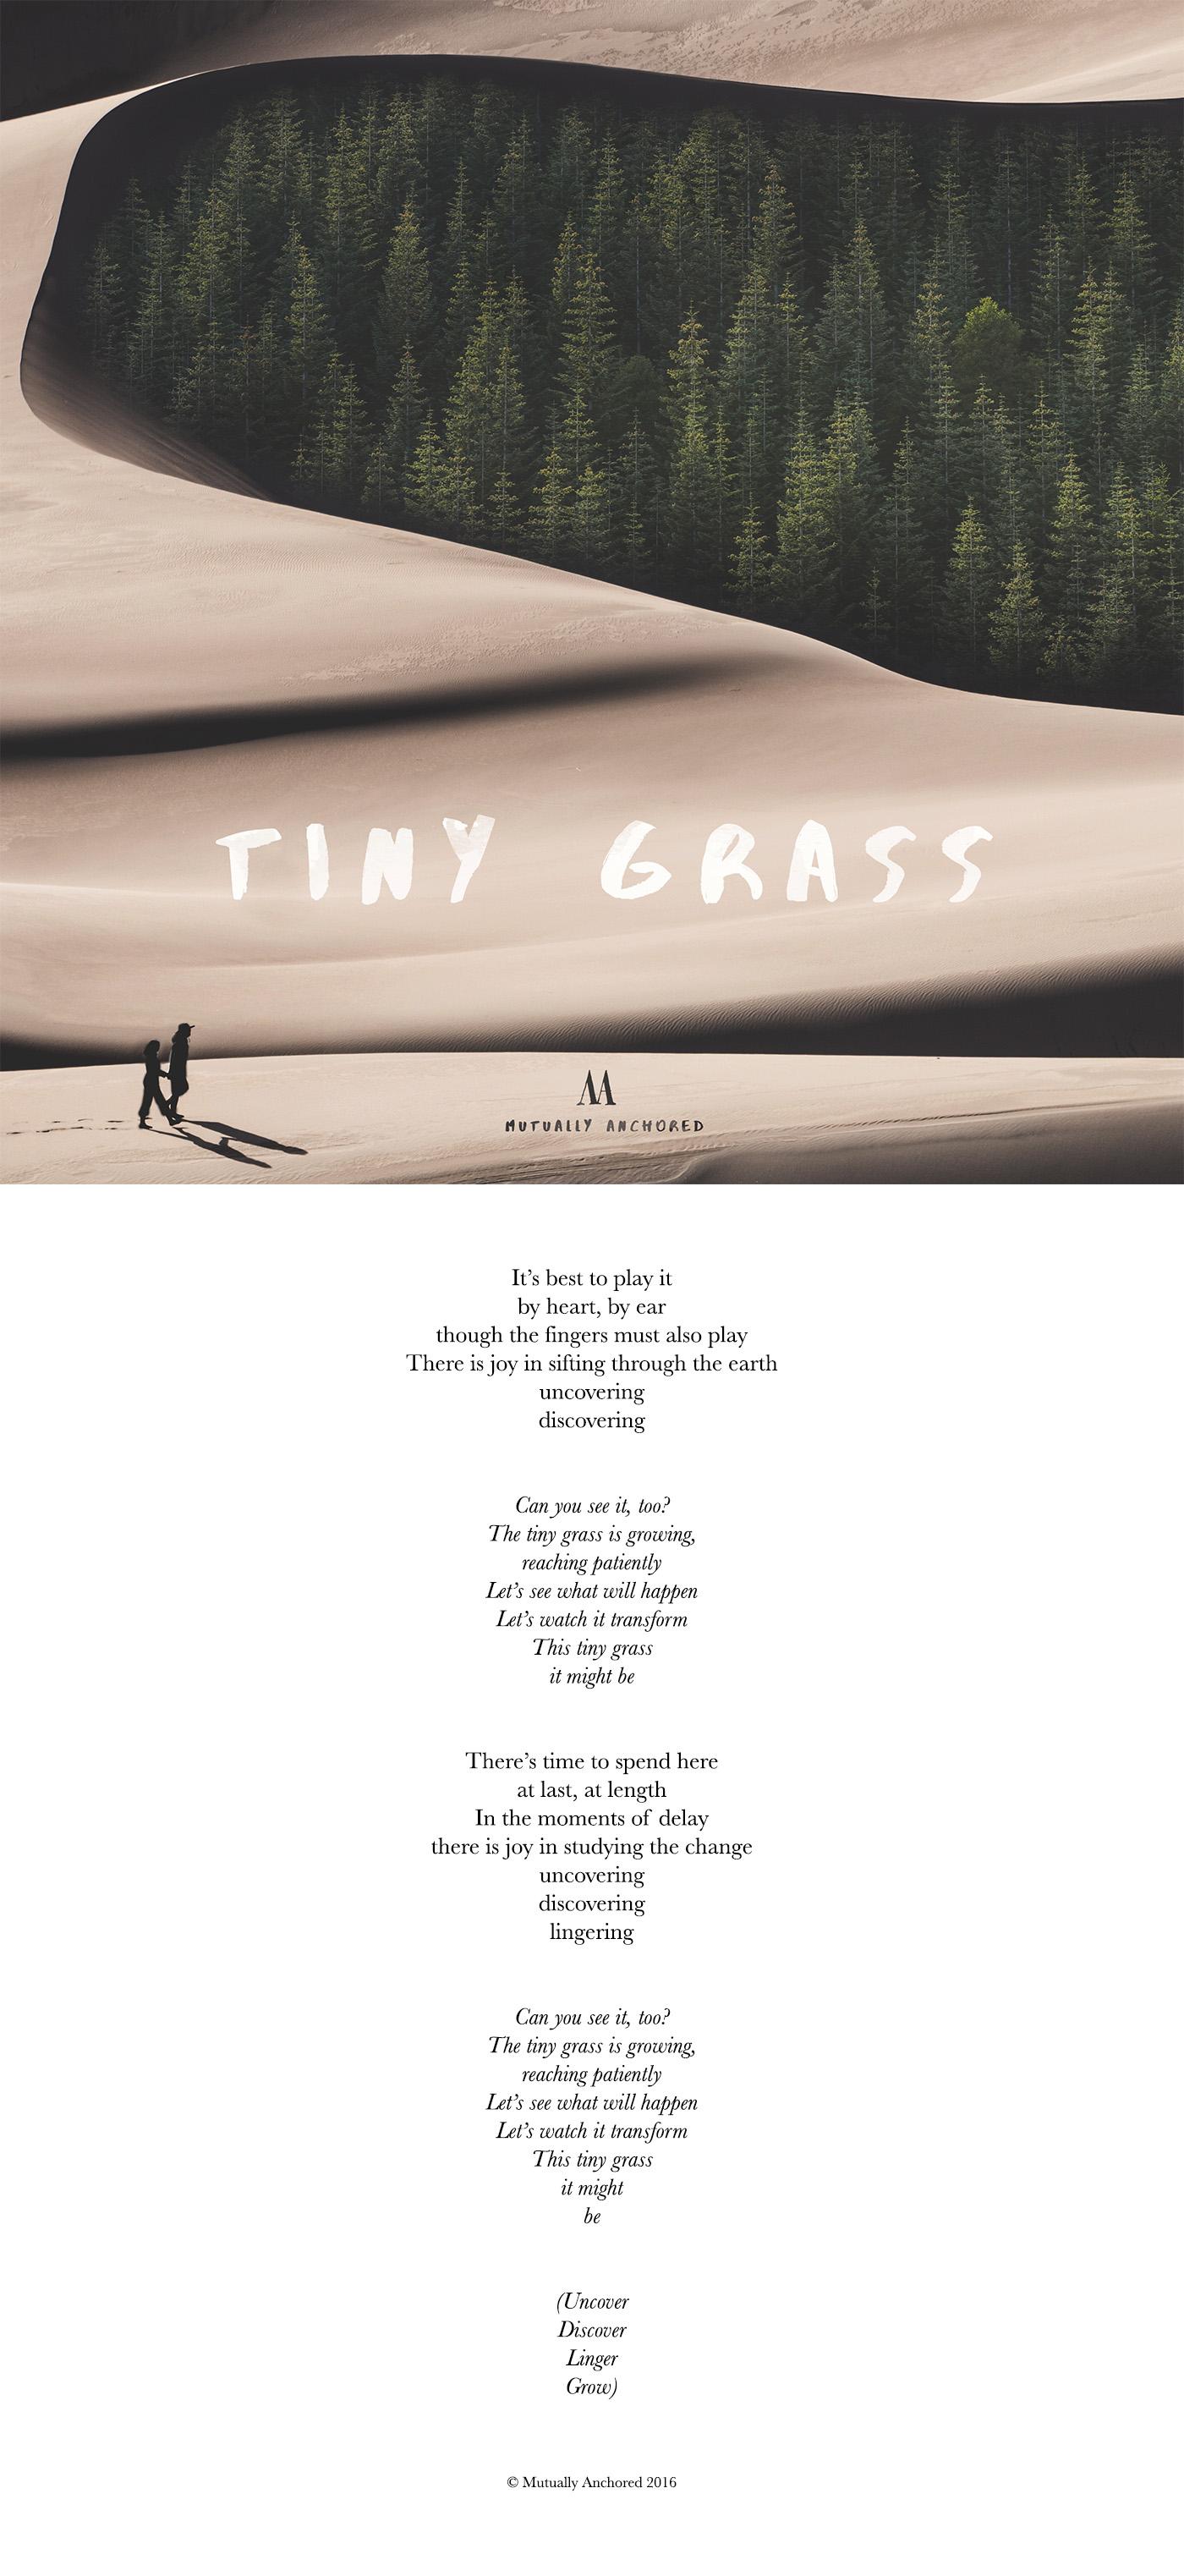 Mutually Anchored Tiny Grass lyrics